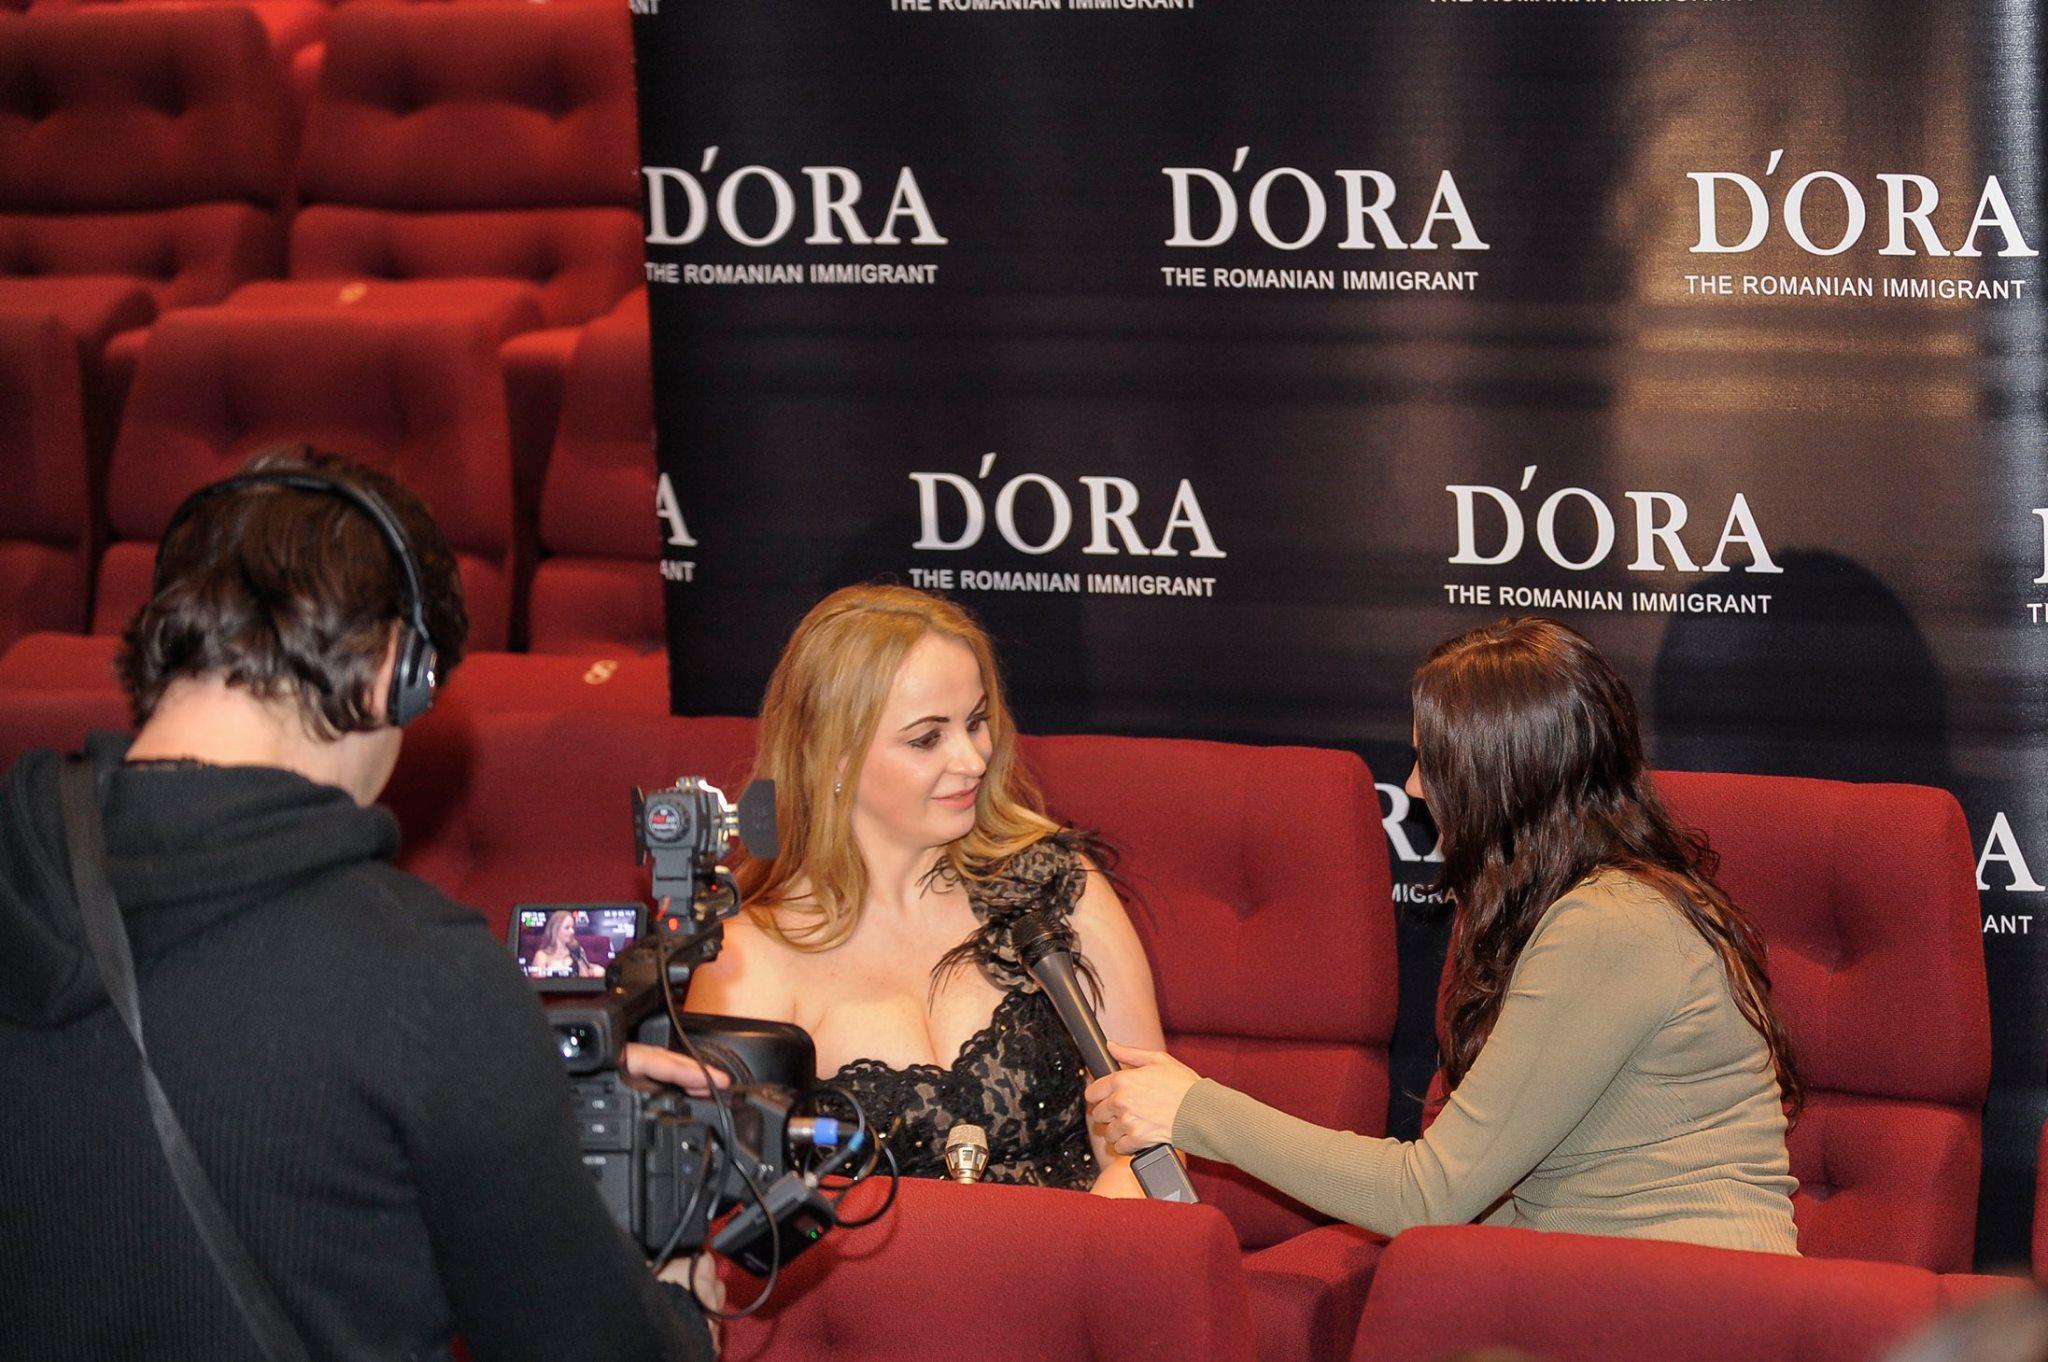 Actrita, la premiera filmului sau, DORA foto: Facebook